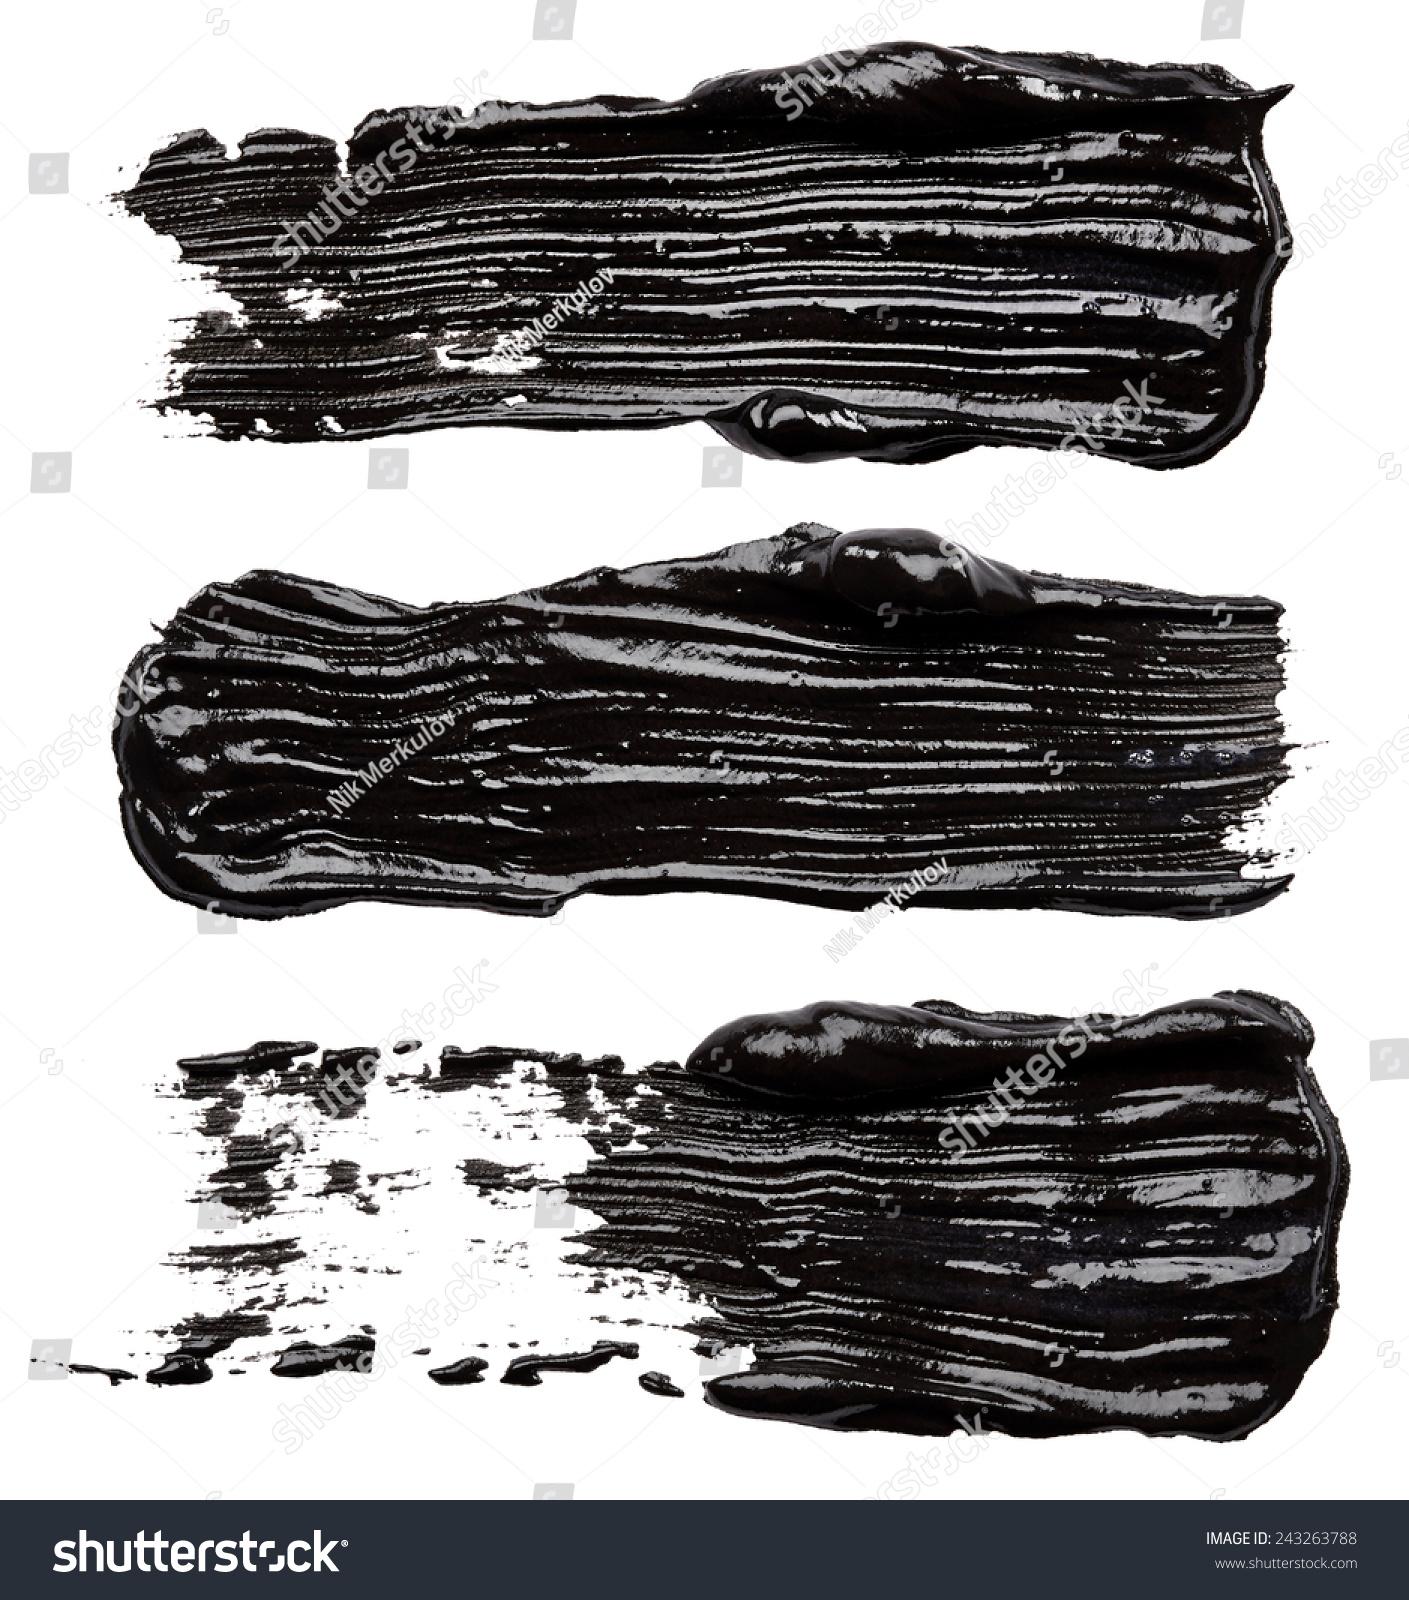 白色背景下的黑色油漆笔触-背景/素材,抽象-海洛创意